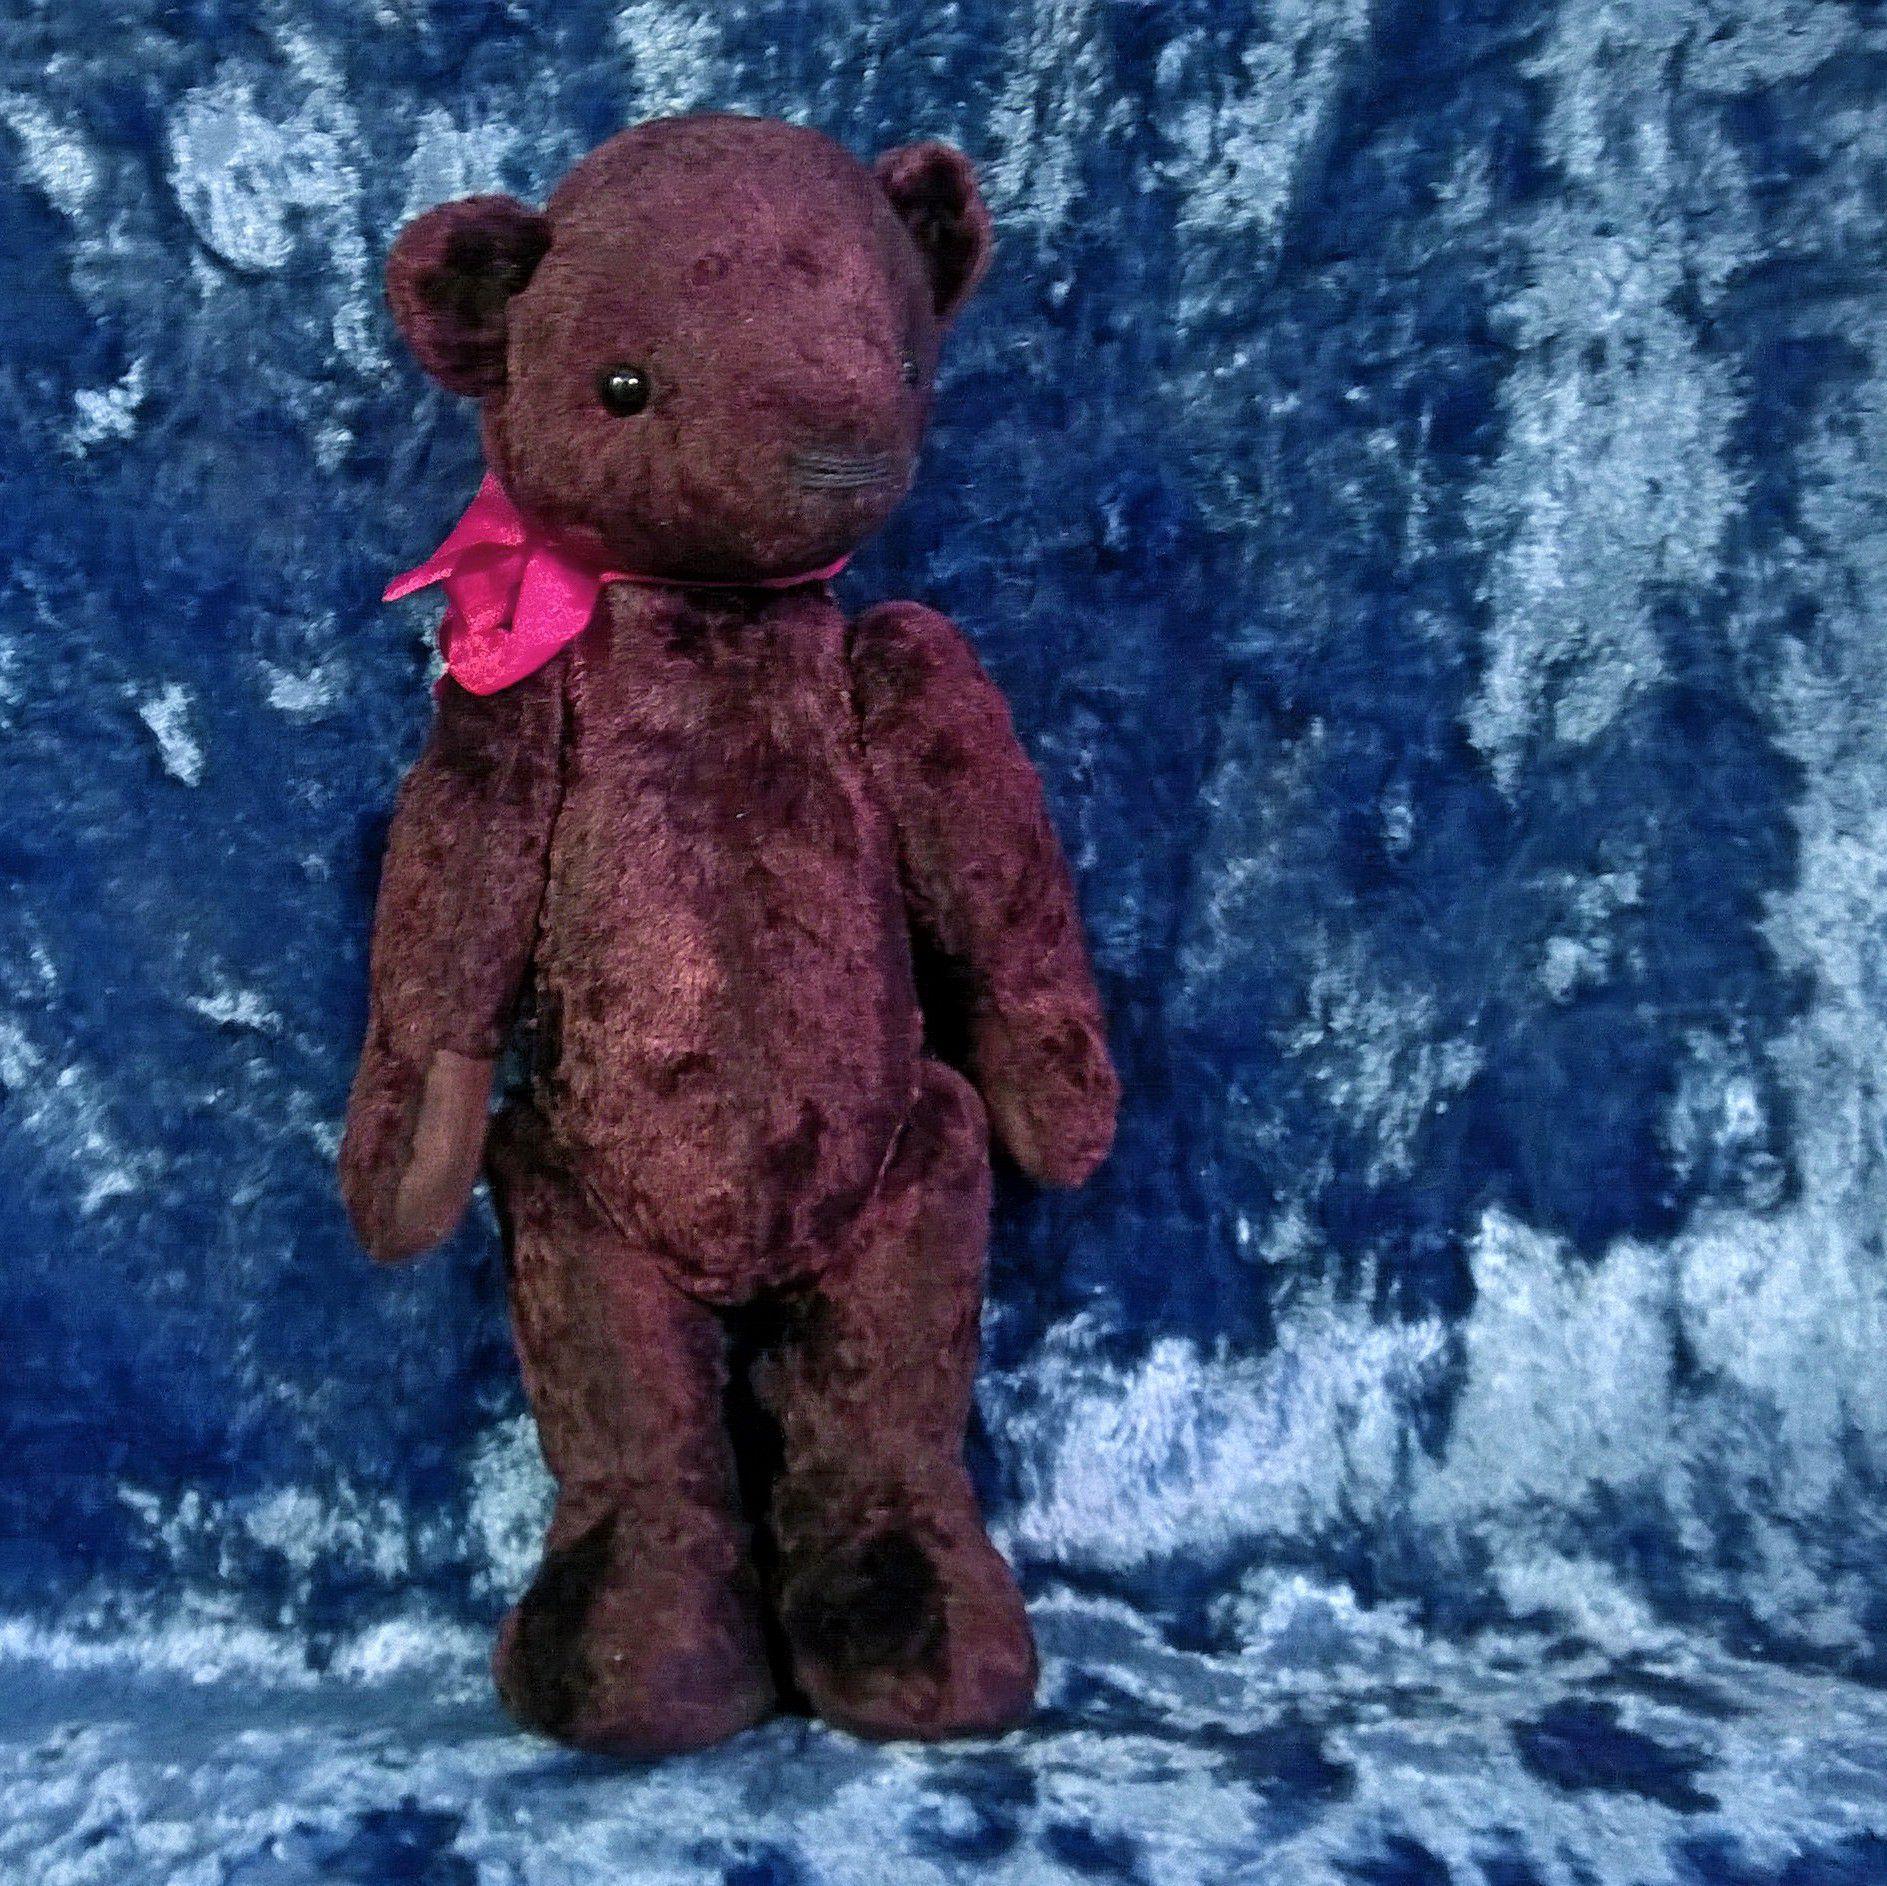 плюшевый медведь мишка коричневый винтажный подарок